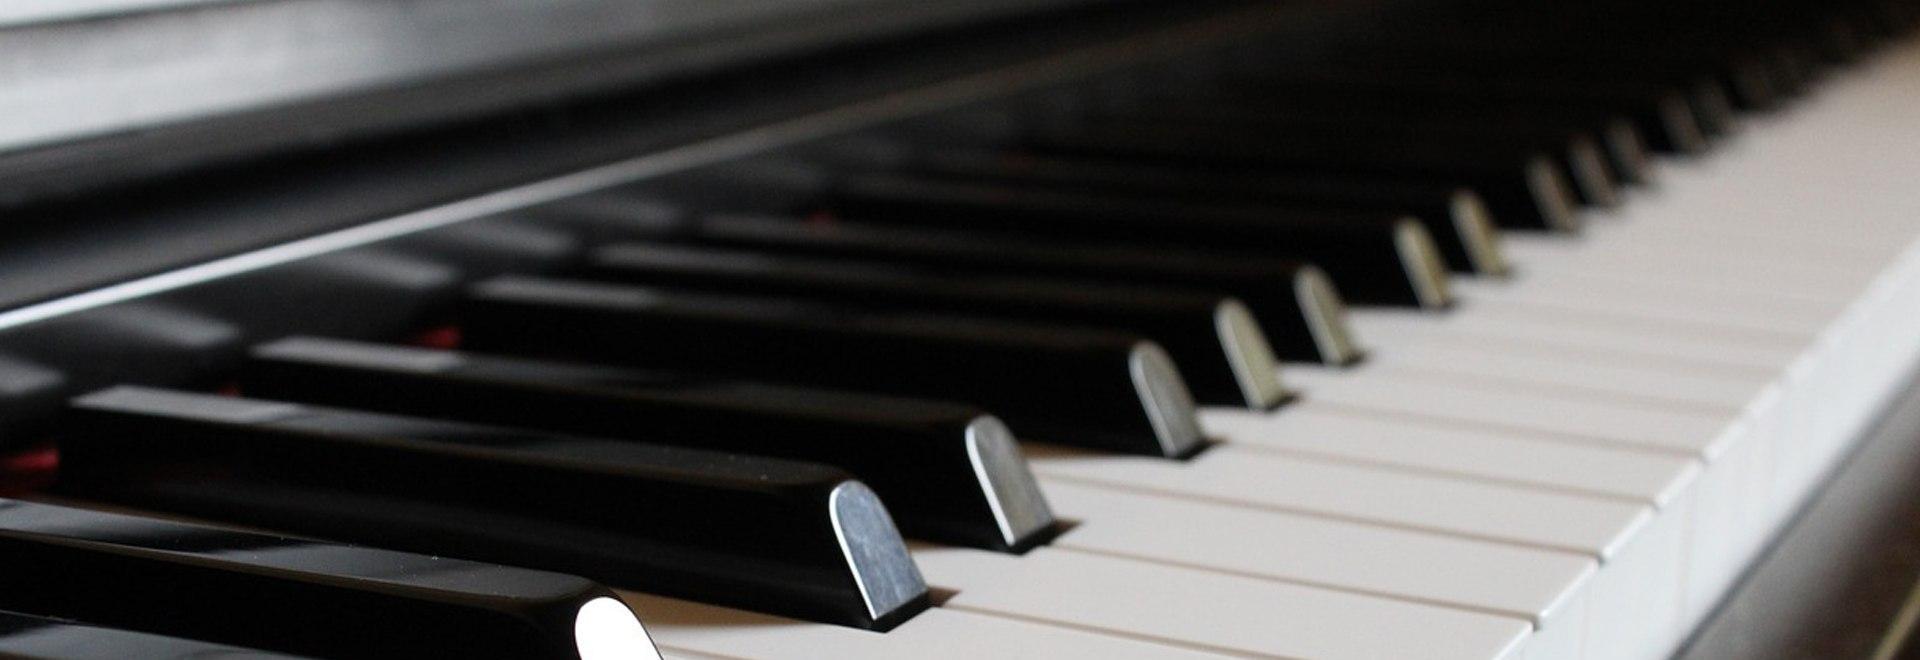 Beethoven - I concerti per pianoforte